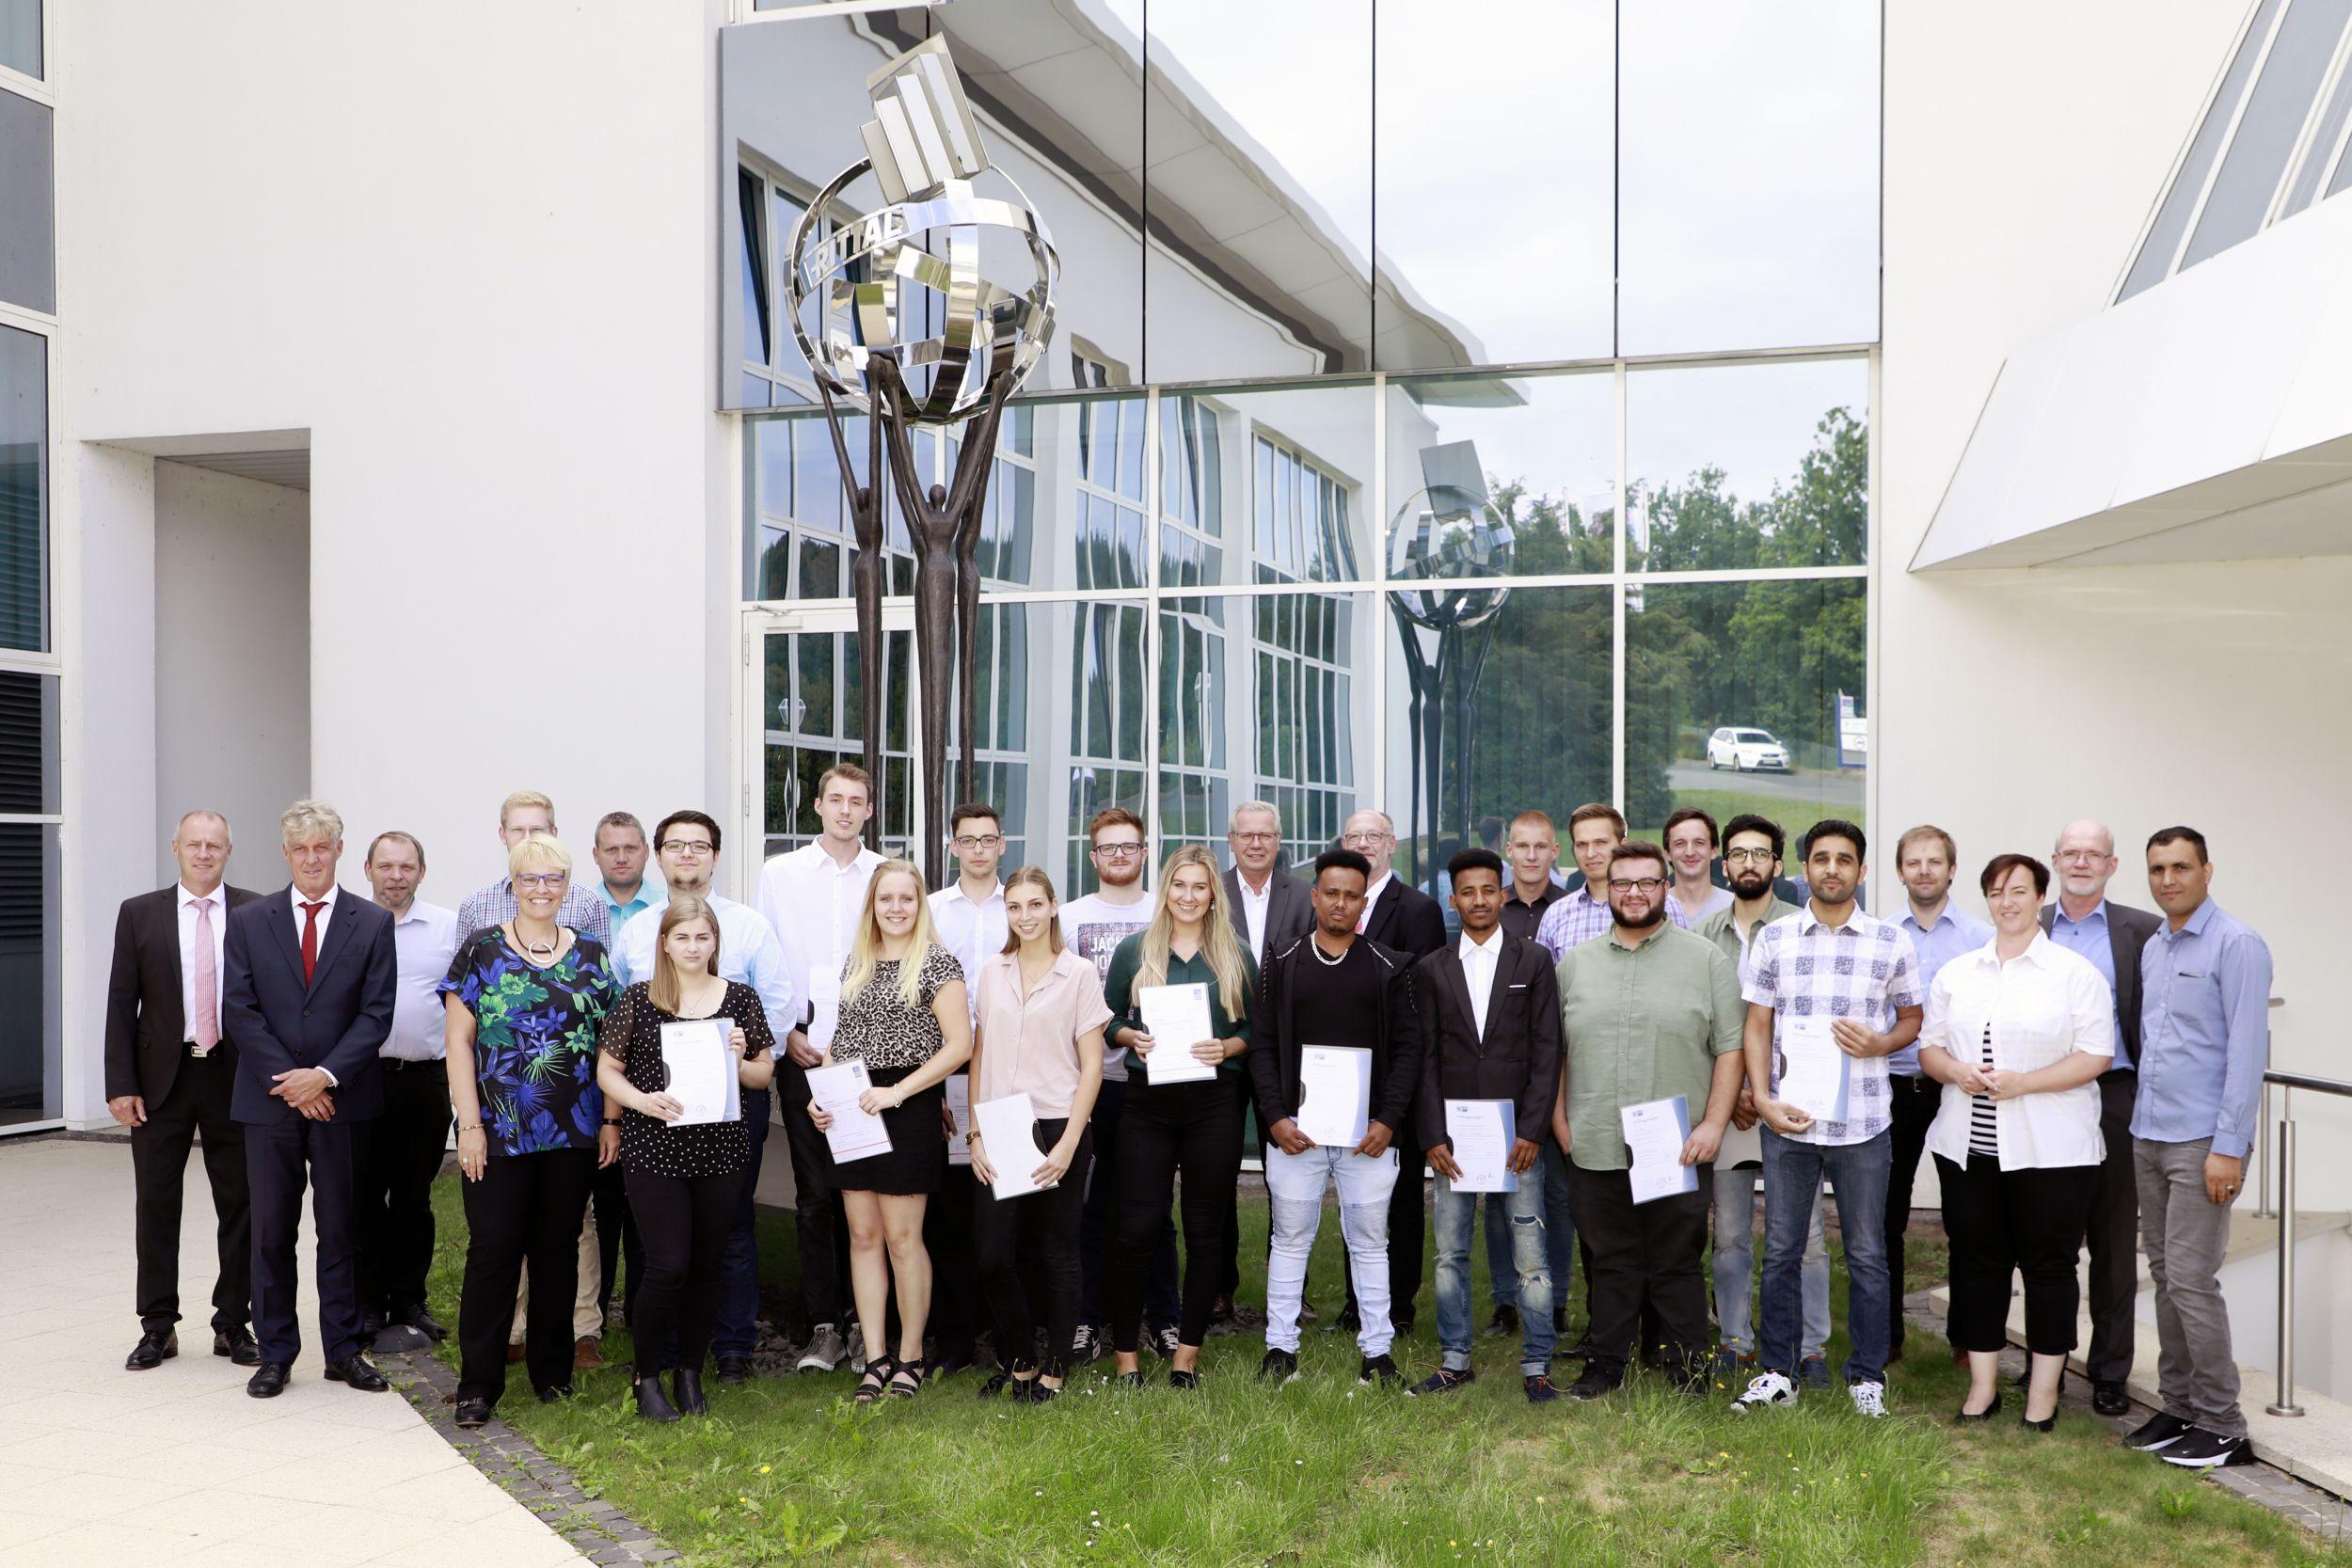 Auszubildende und Studierende der Friedhelm Loh Group erhalten Abschlusszeugnis